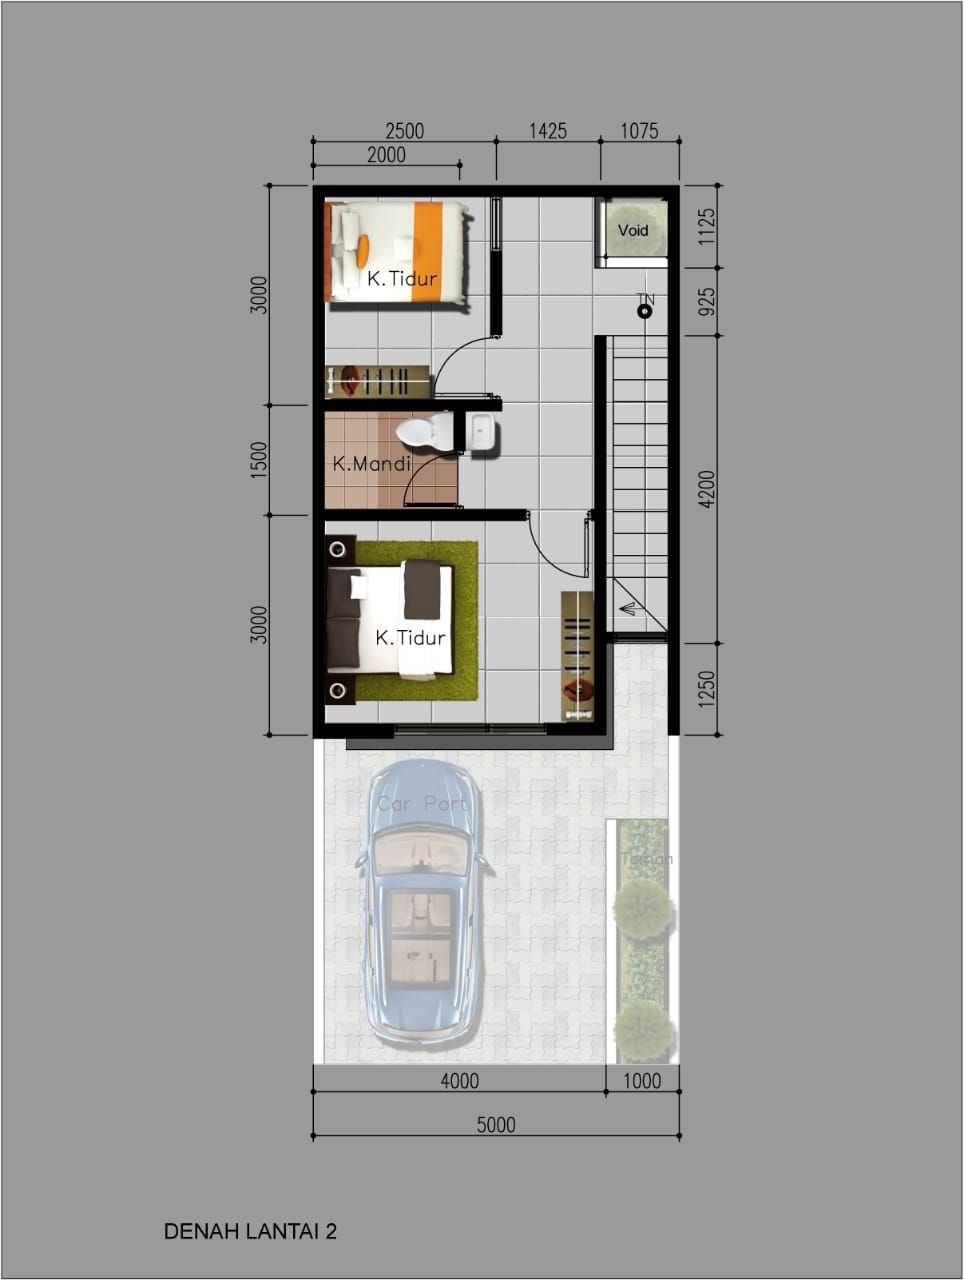 Tipe Rumah Alexandrite - denah lt 2